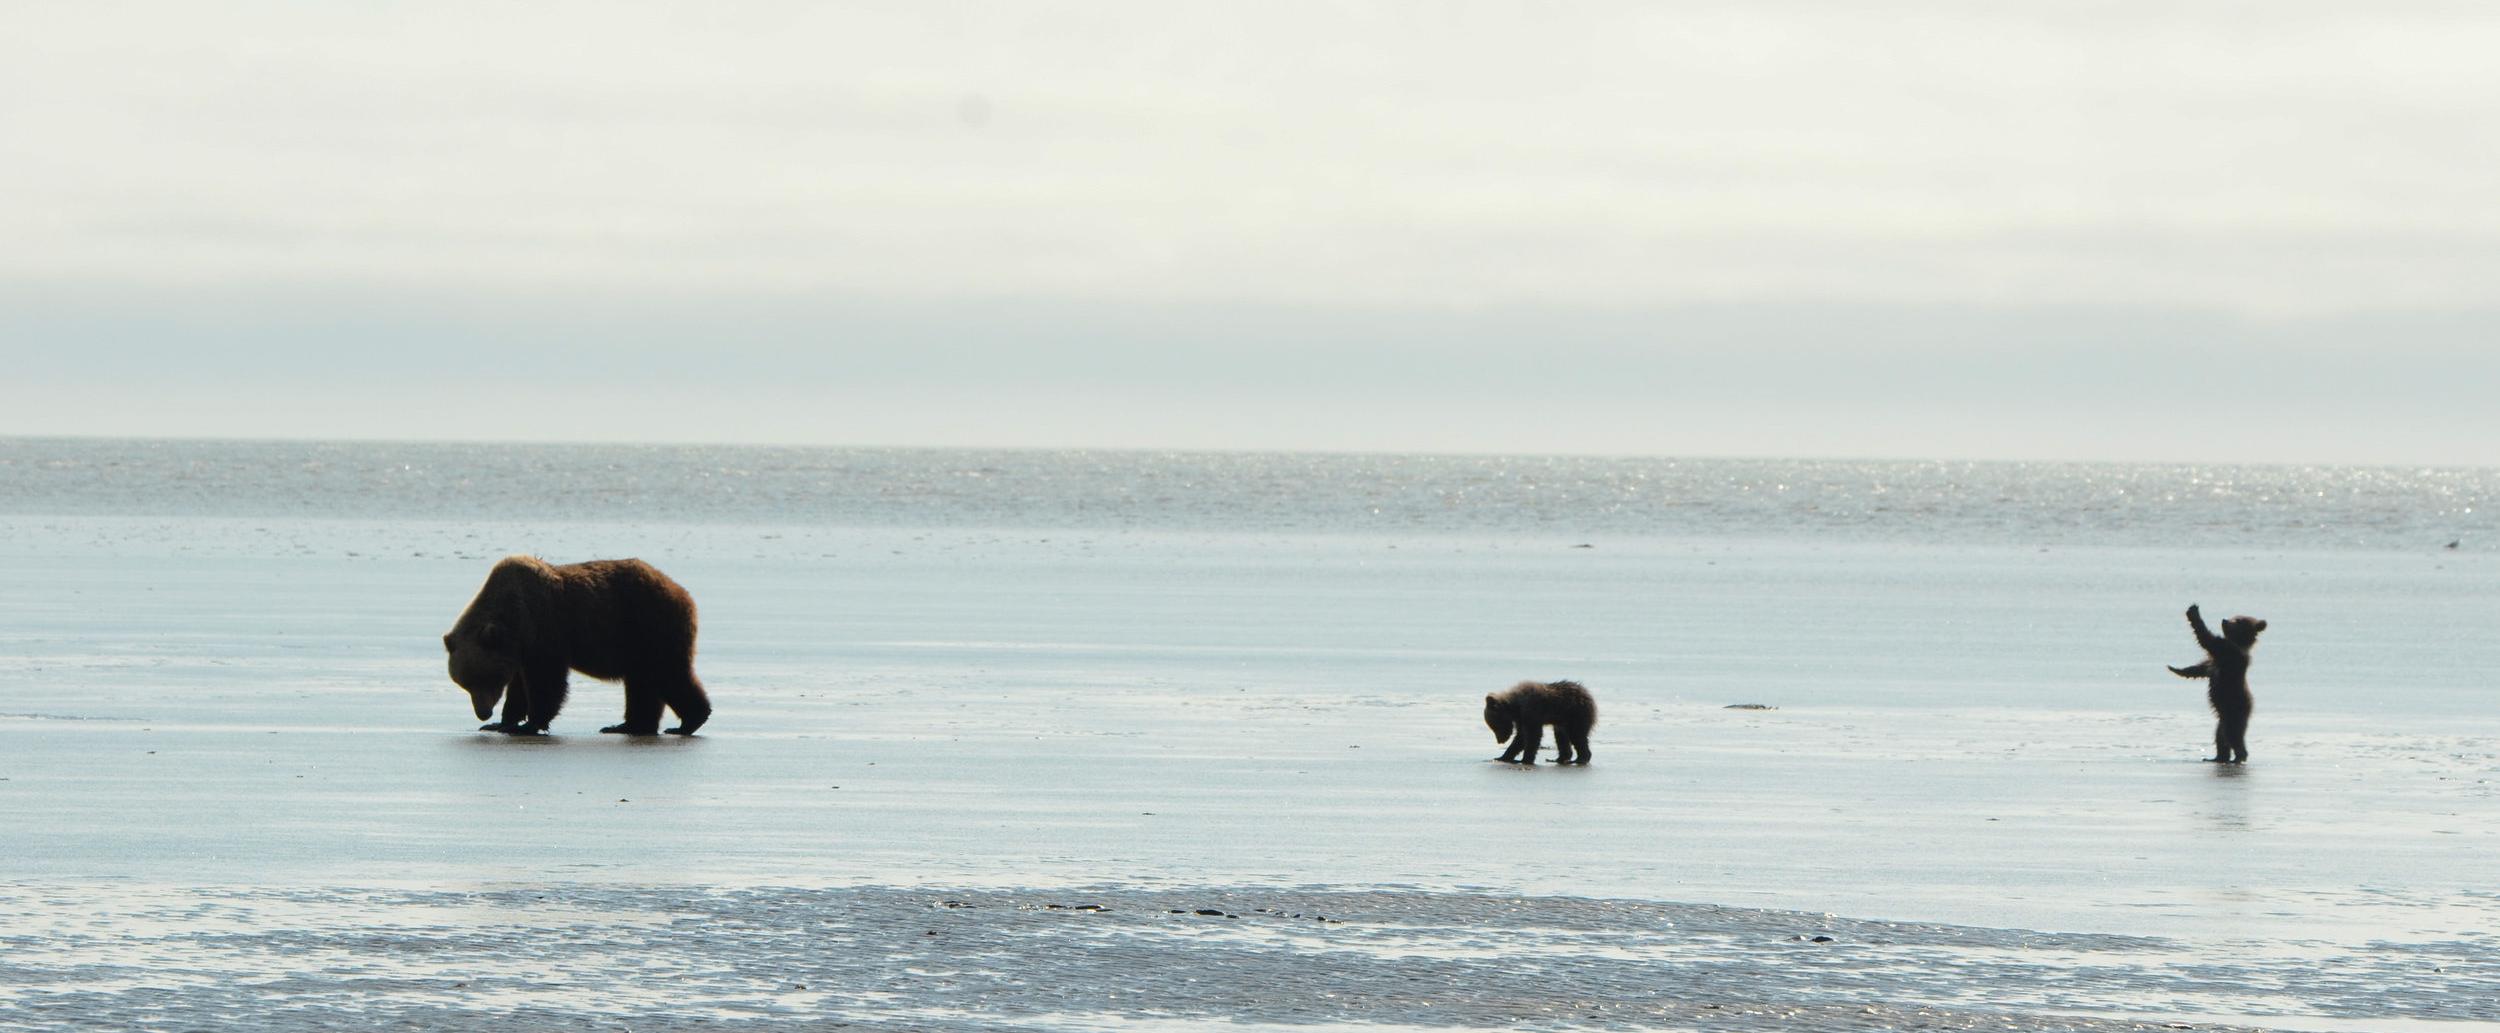 A Mother Brown Bear And Her Cubs –(PHOTO: DAVIDRASMUS/SHUTTERSTOCK)